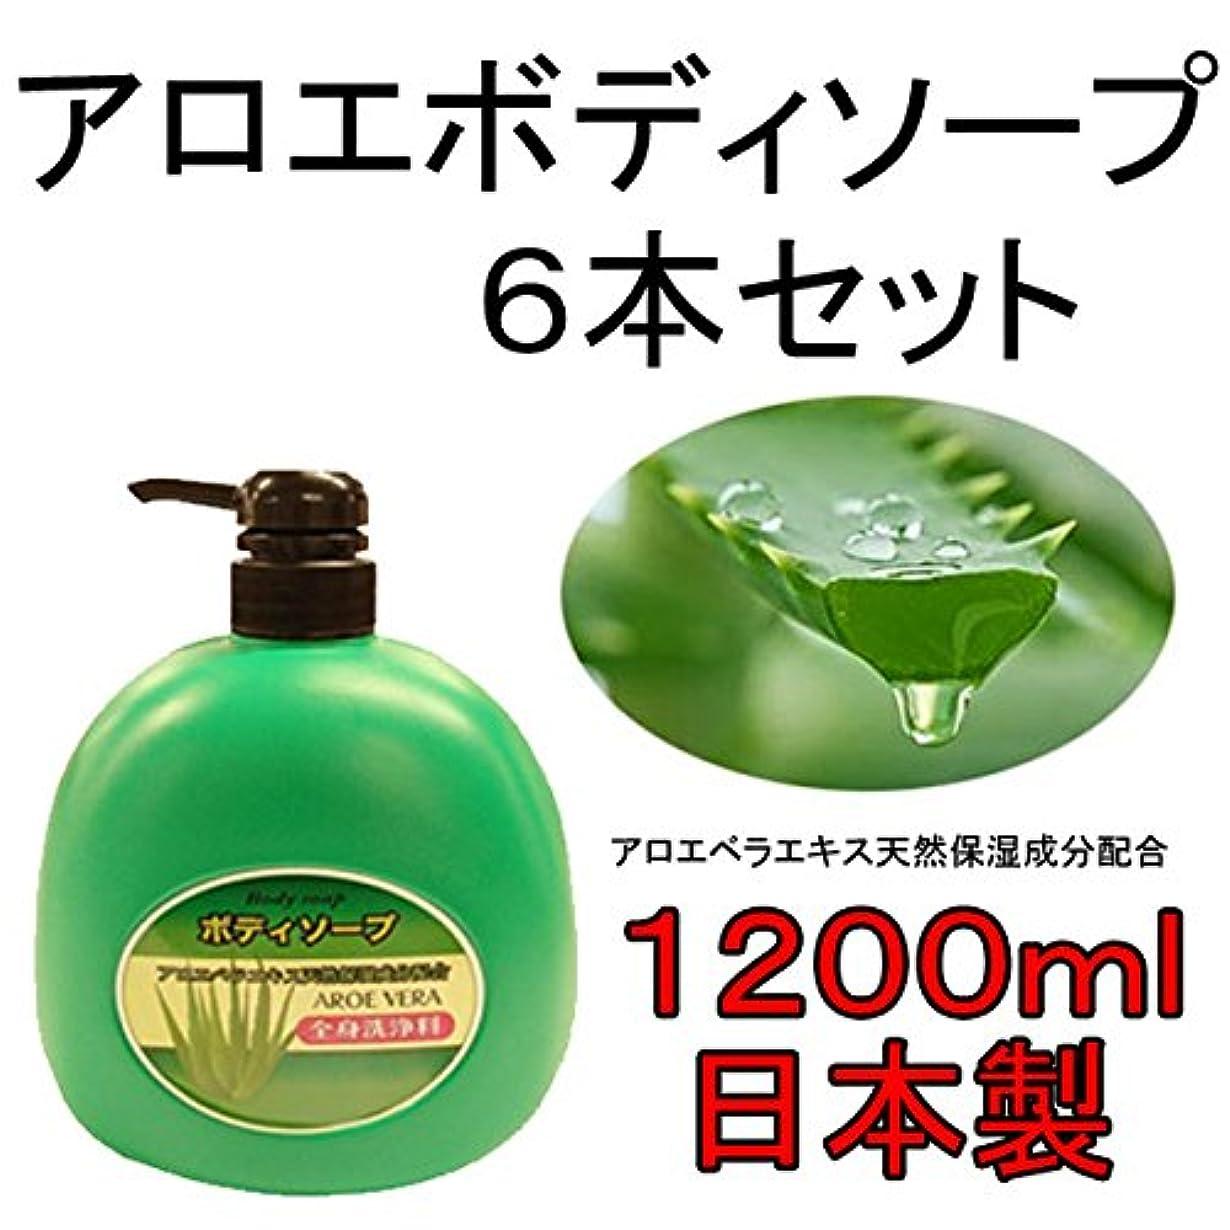 ラジカル対立アクチュエータ高級アロエボディソープ6本セット アロエエキスたっぷりでお肌つるつる 国産?日本製で安心/約1年分1本1200mlの大容量でお得 液体ソープ ボディソープ ボディシャンプー 風呂用 石鹸 せっけん 全身用ソープ body soap aroe あろえ